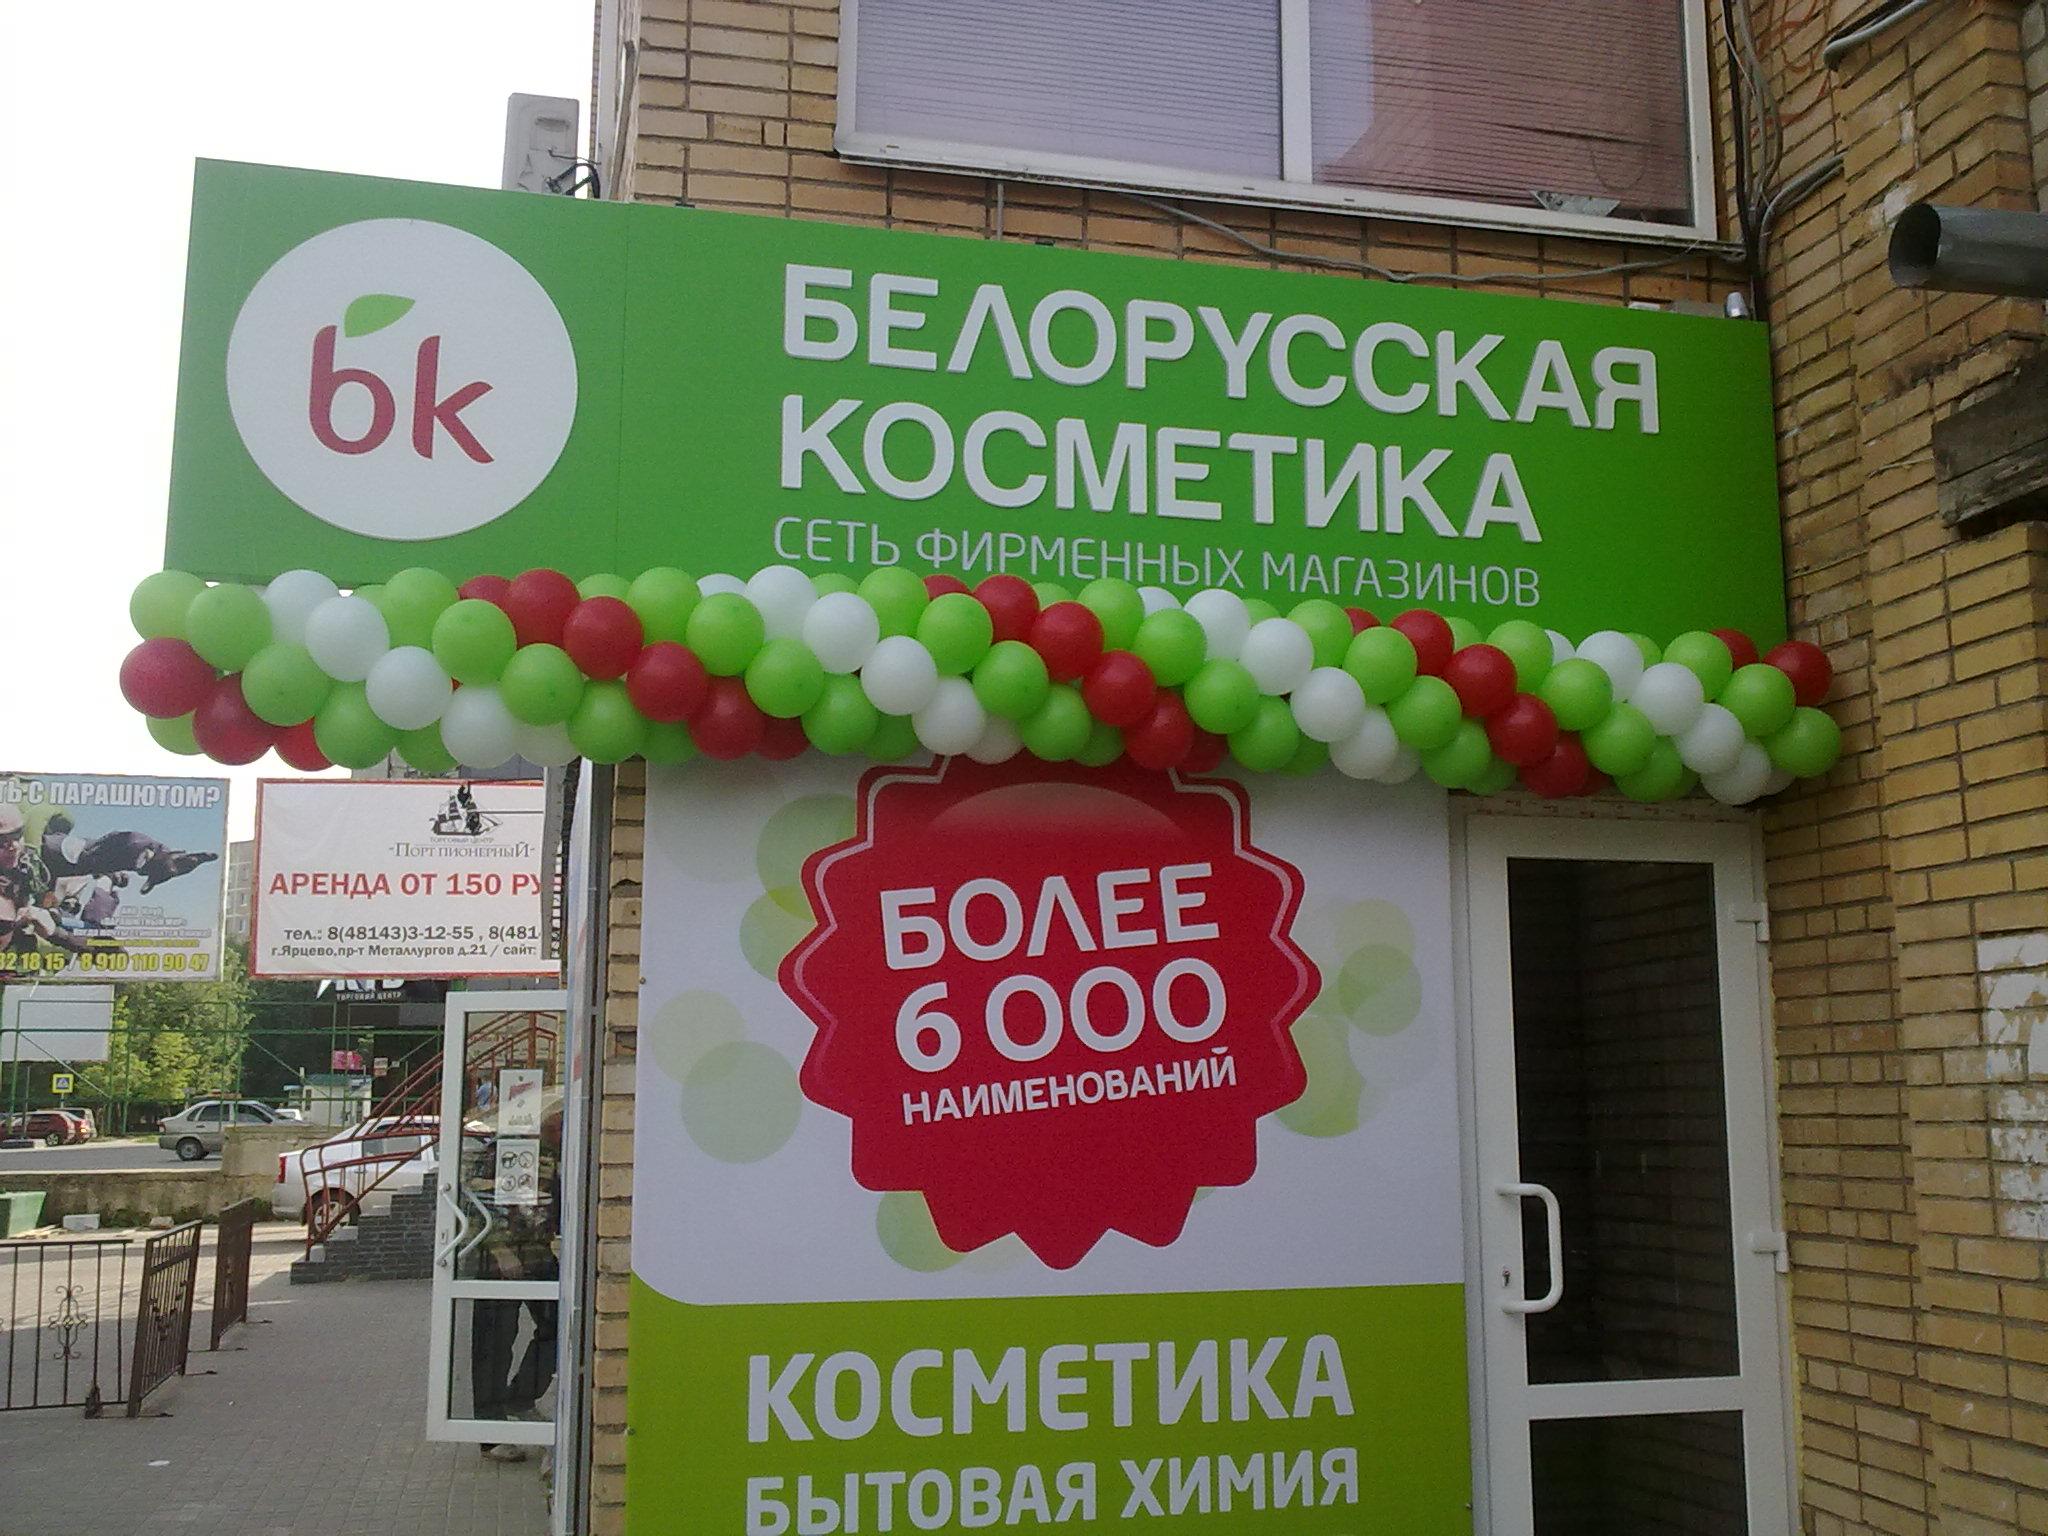 Белорусская косметика в краснодаре адреса магазинов